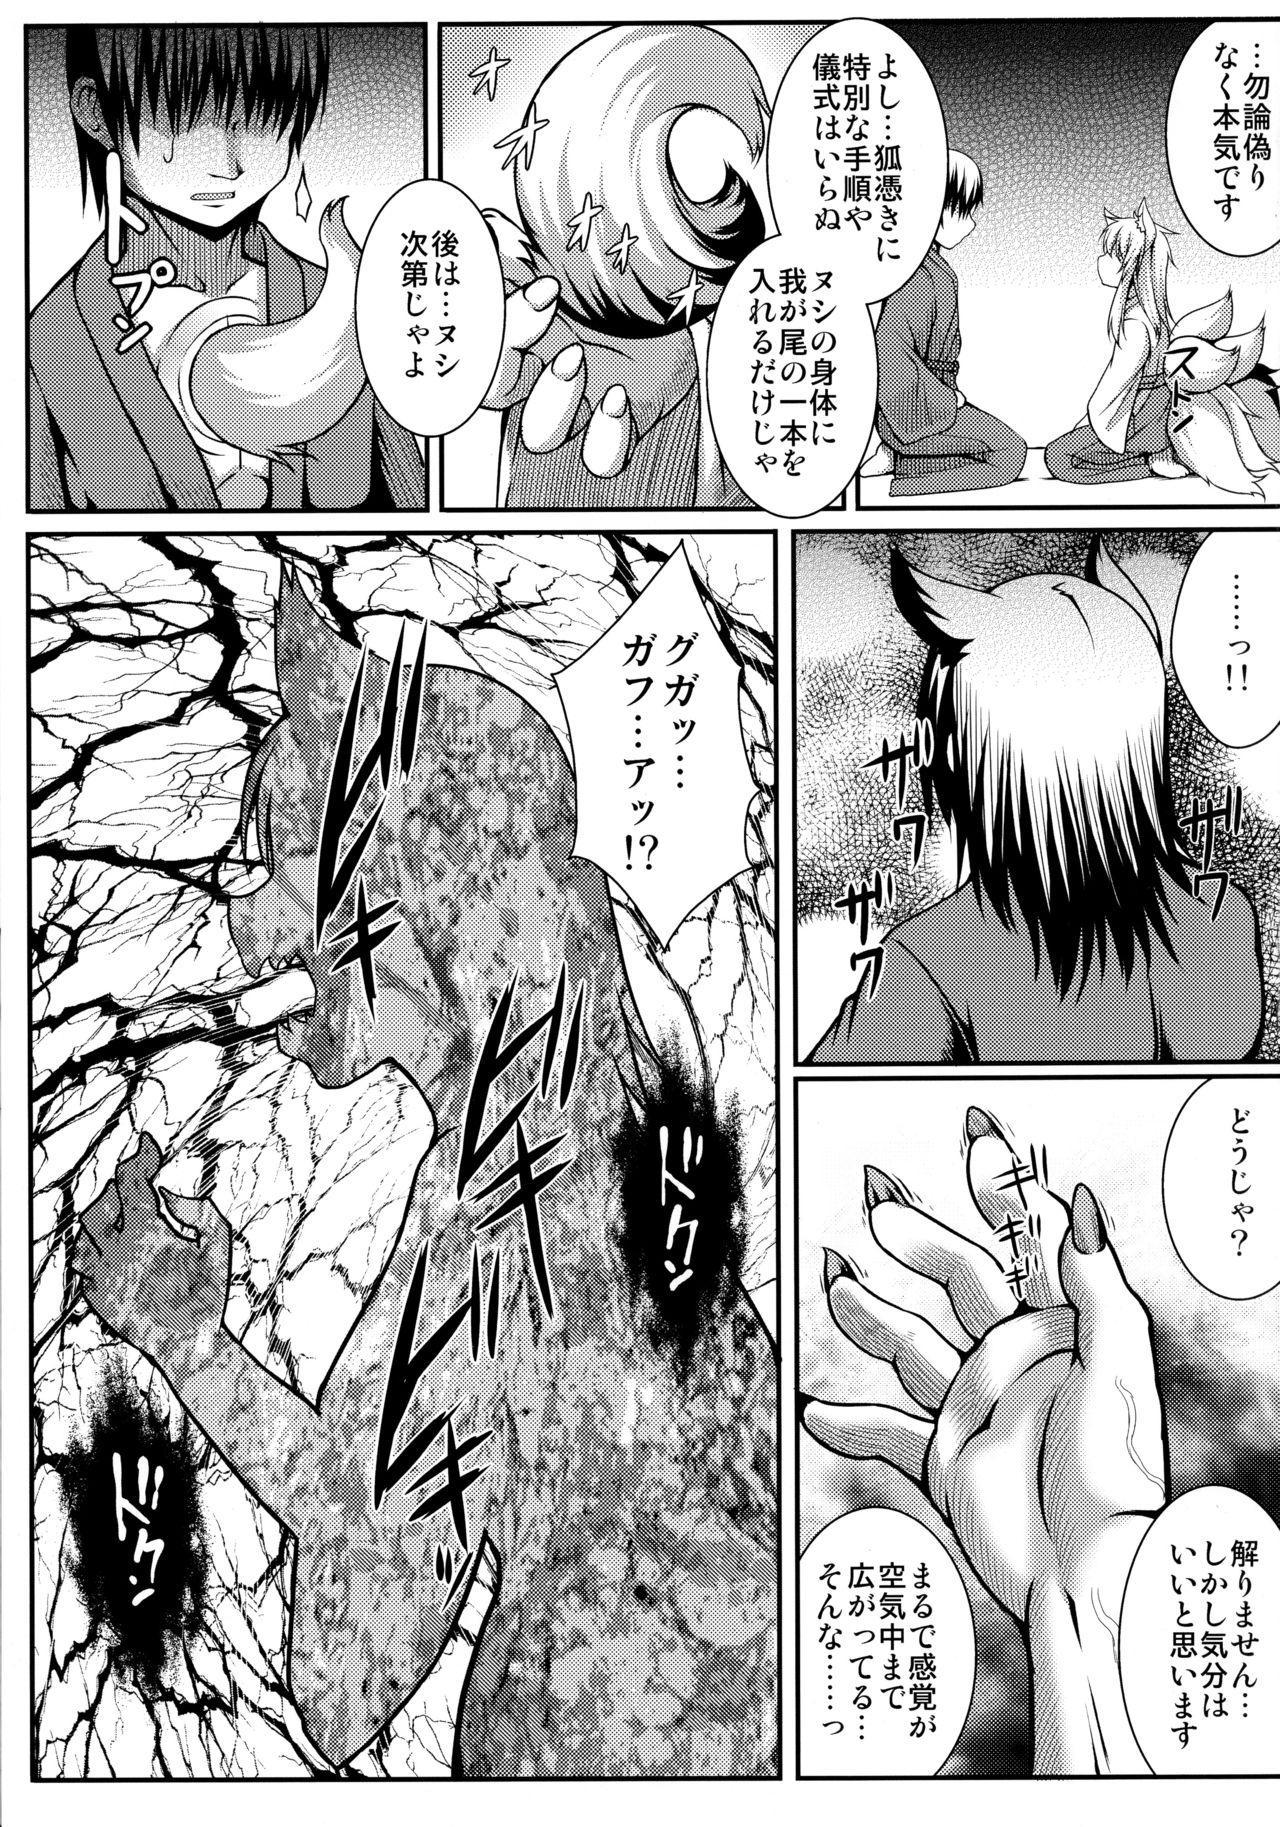 Kitsunetsuki 5